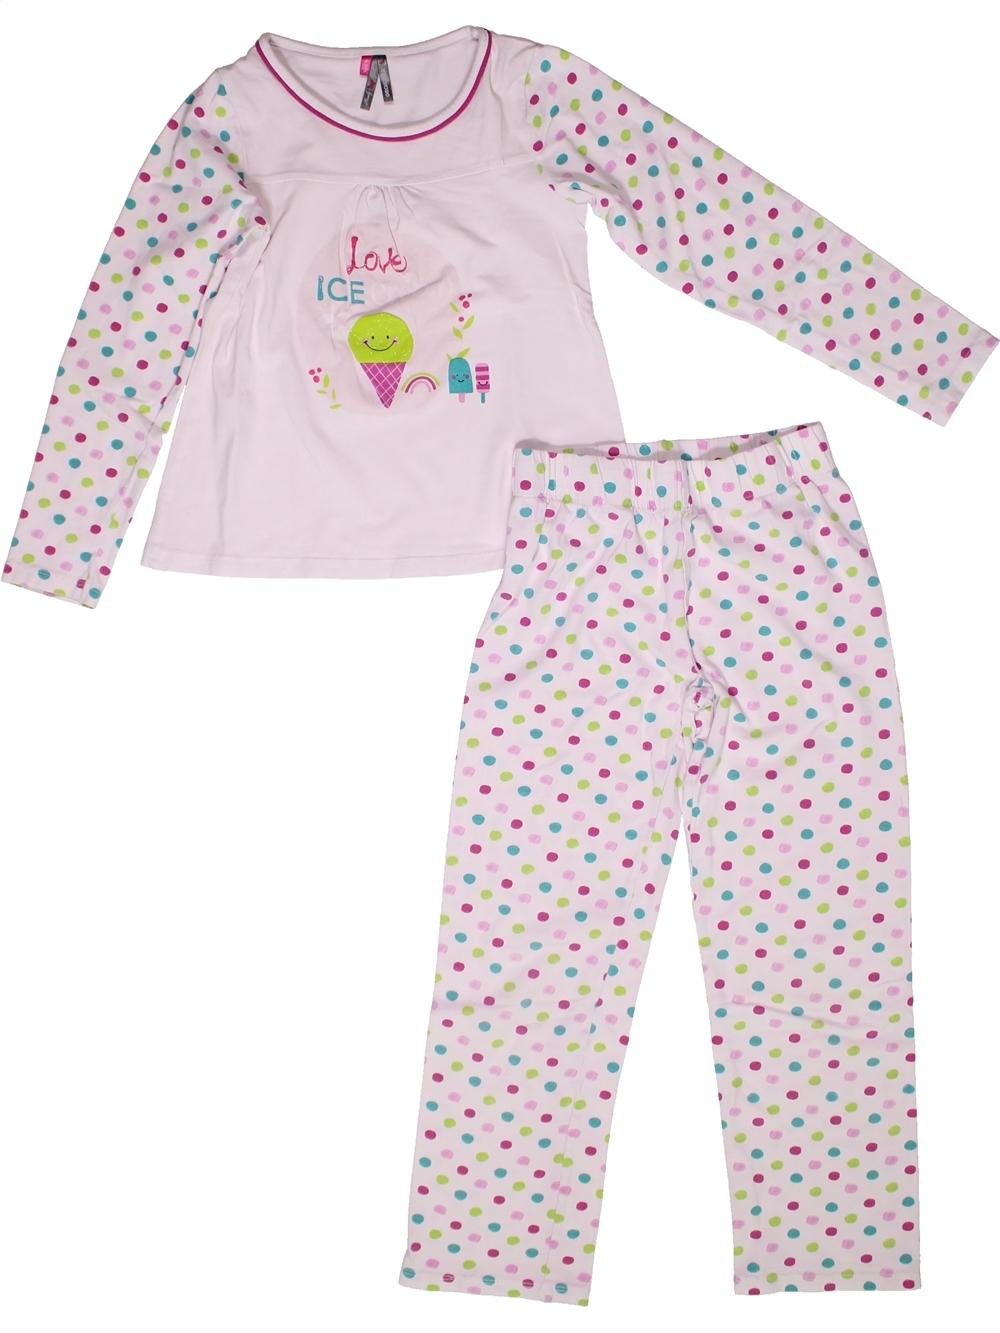 d0192ad819b75 Pyjama 2 pièces Fille ORCHESTRA 8 ans pas cher, 7.99 € - #1245759